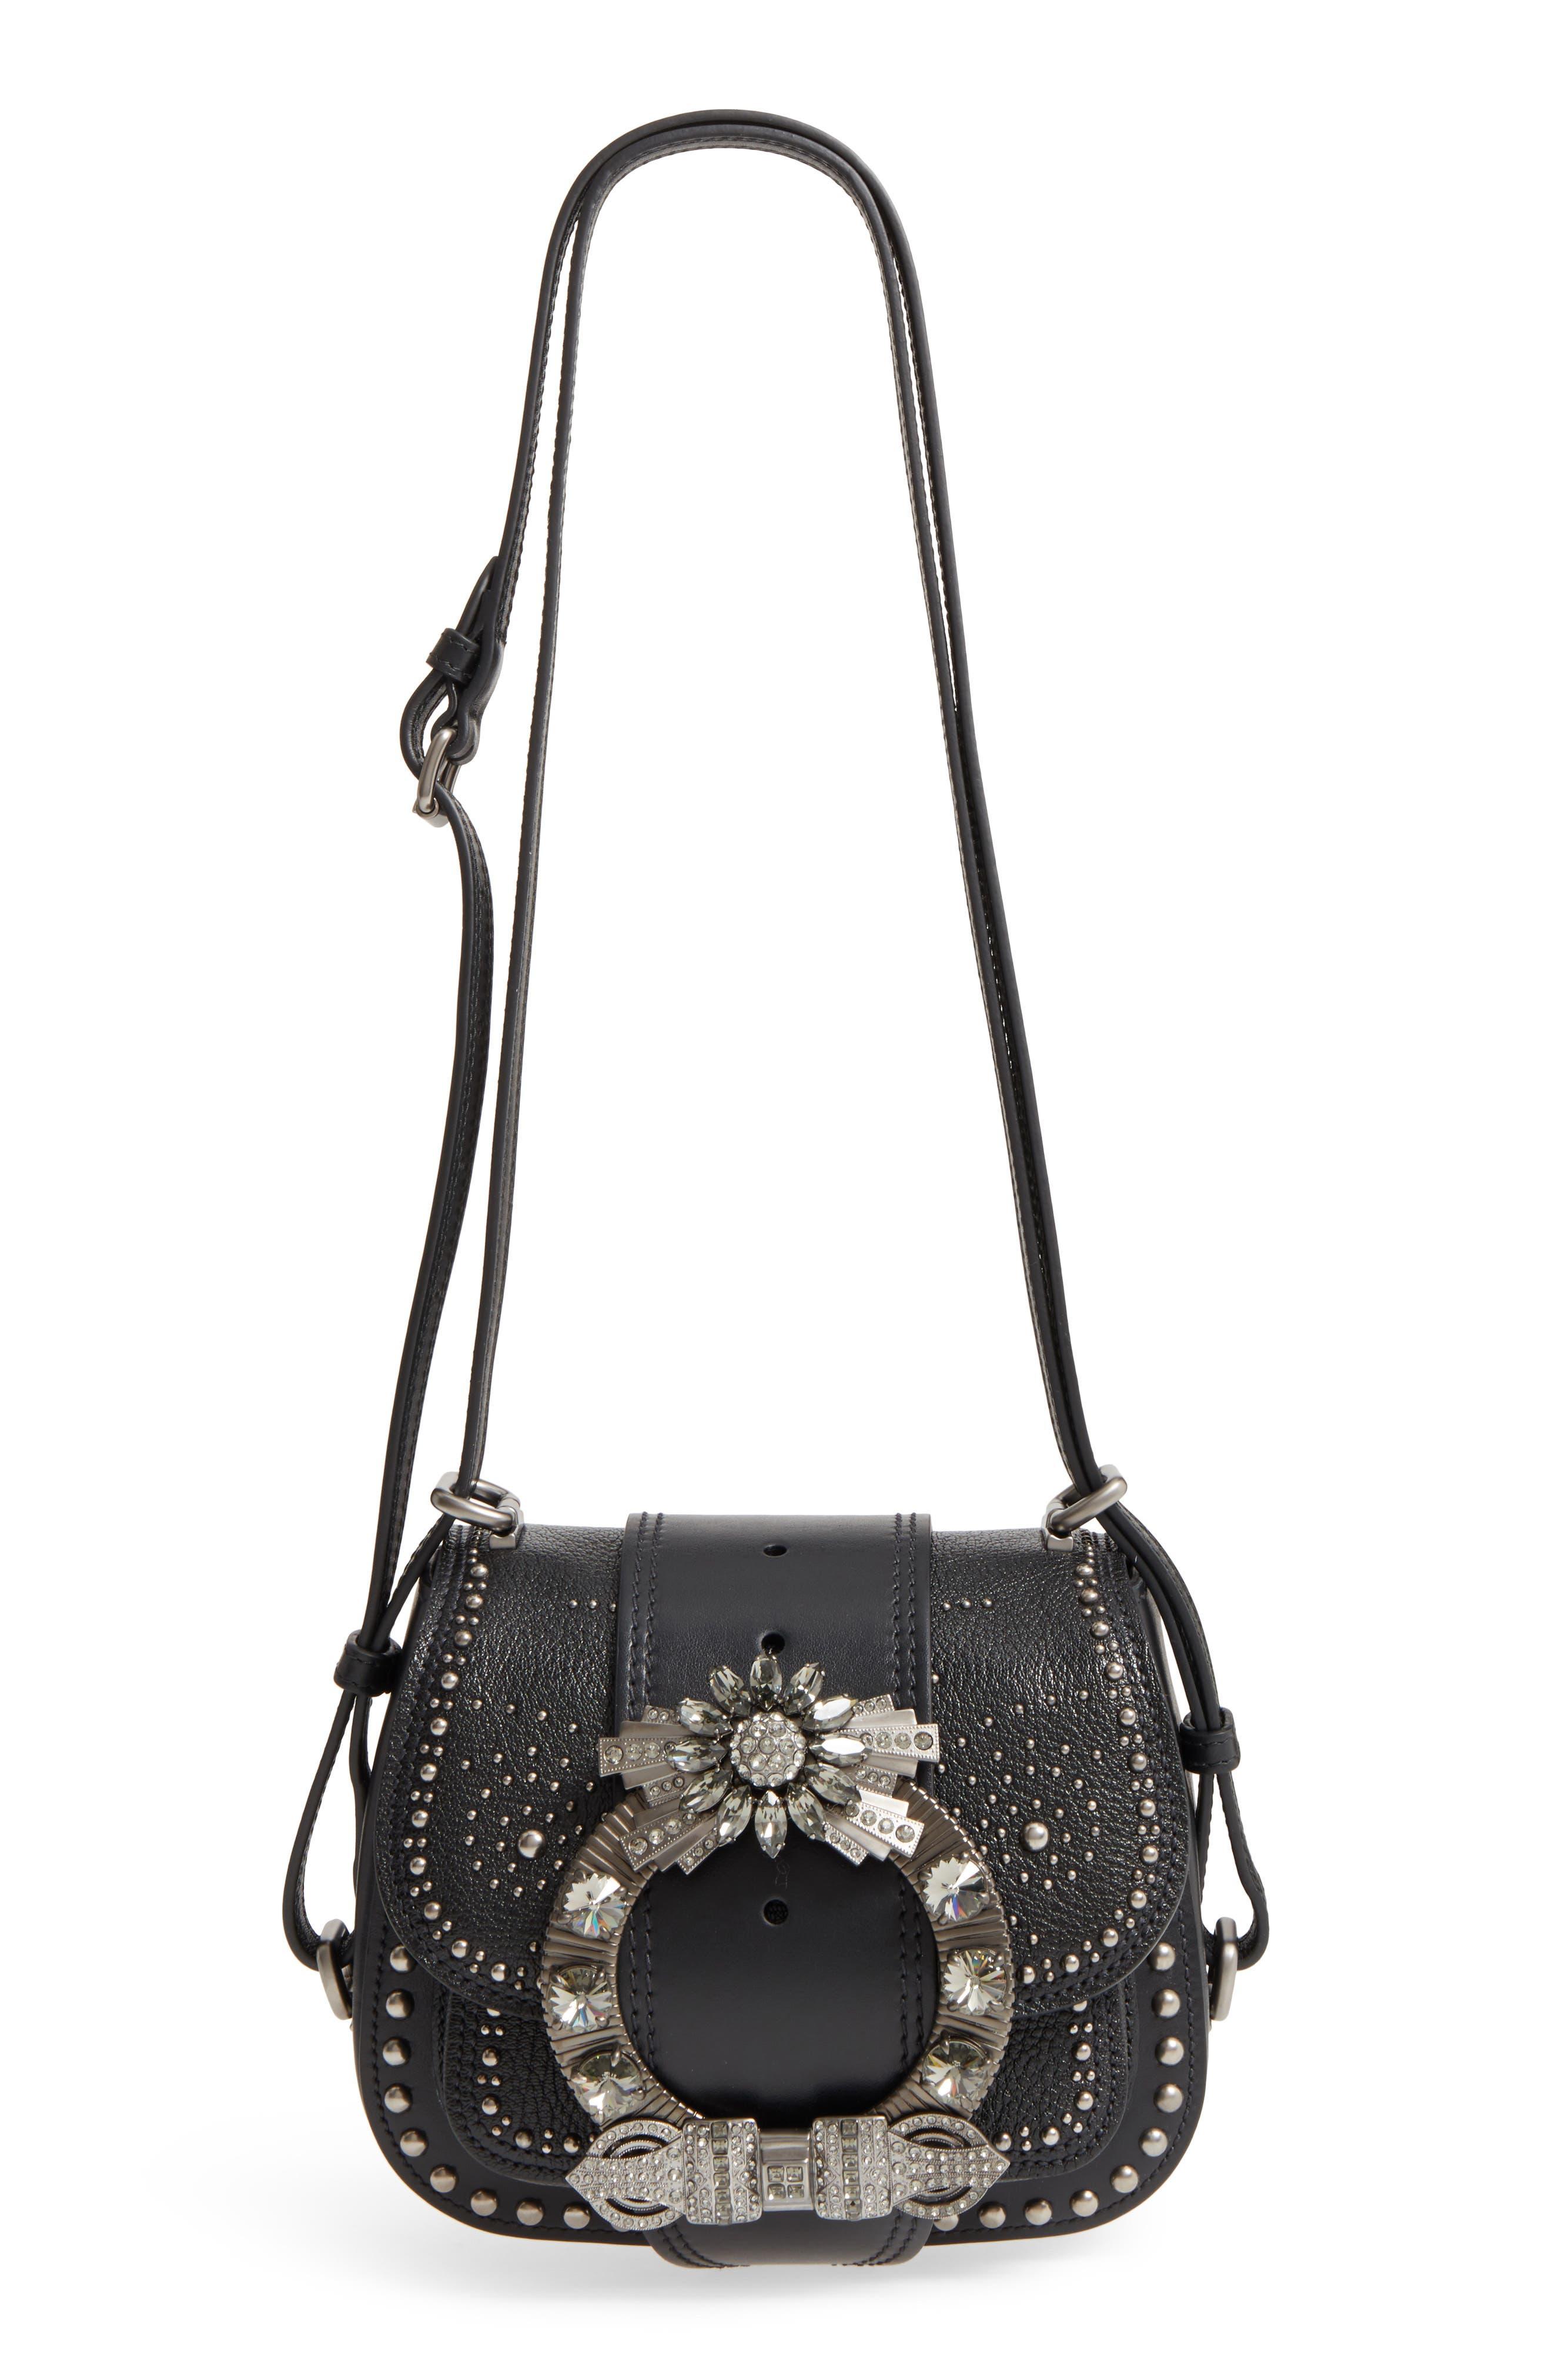 Dahlia Leather Shoulder Bag,                             Main thumbnail 1, color,                             Nero